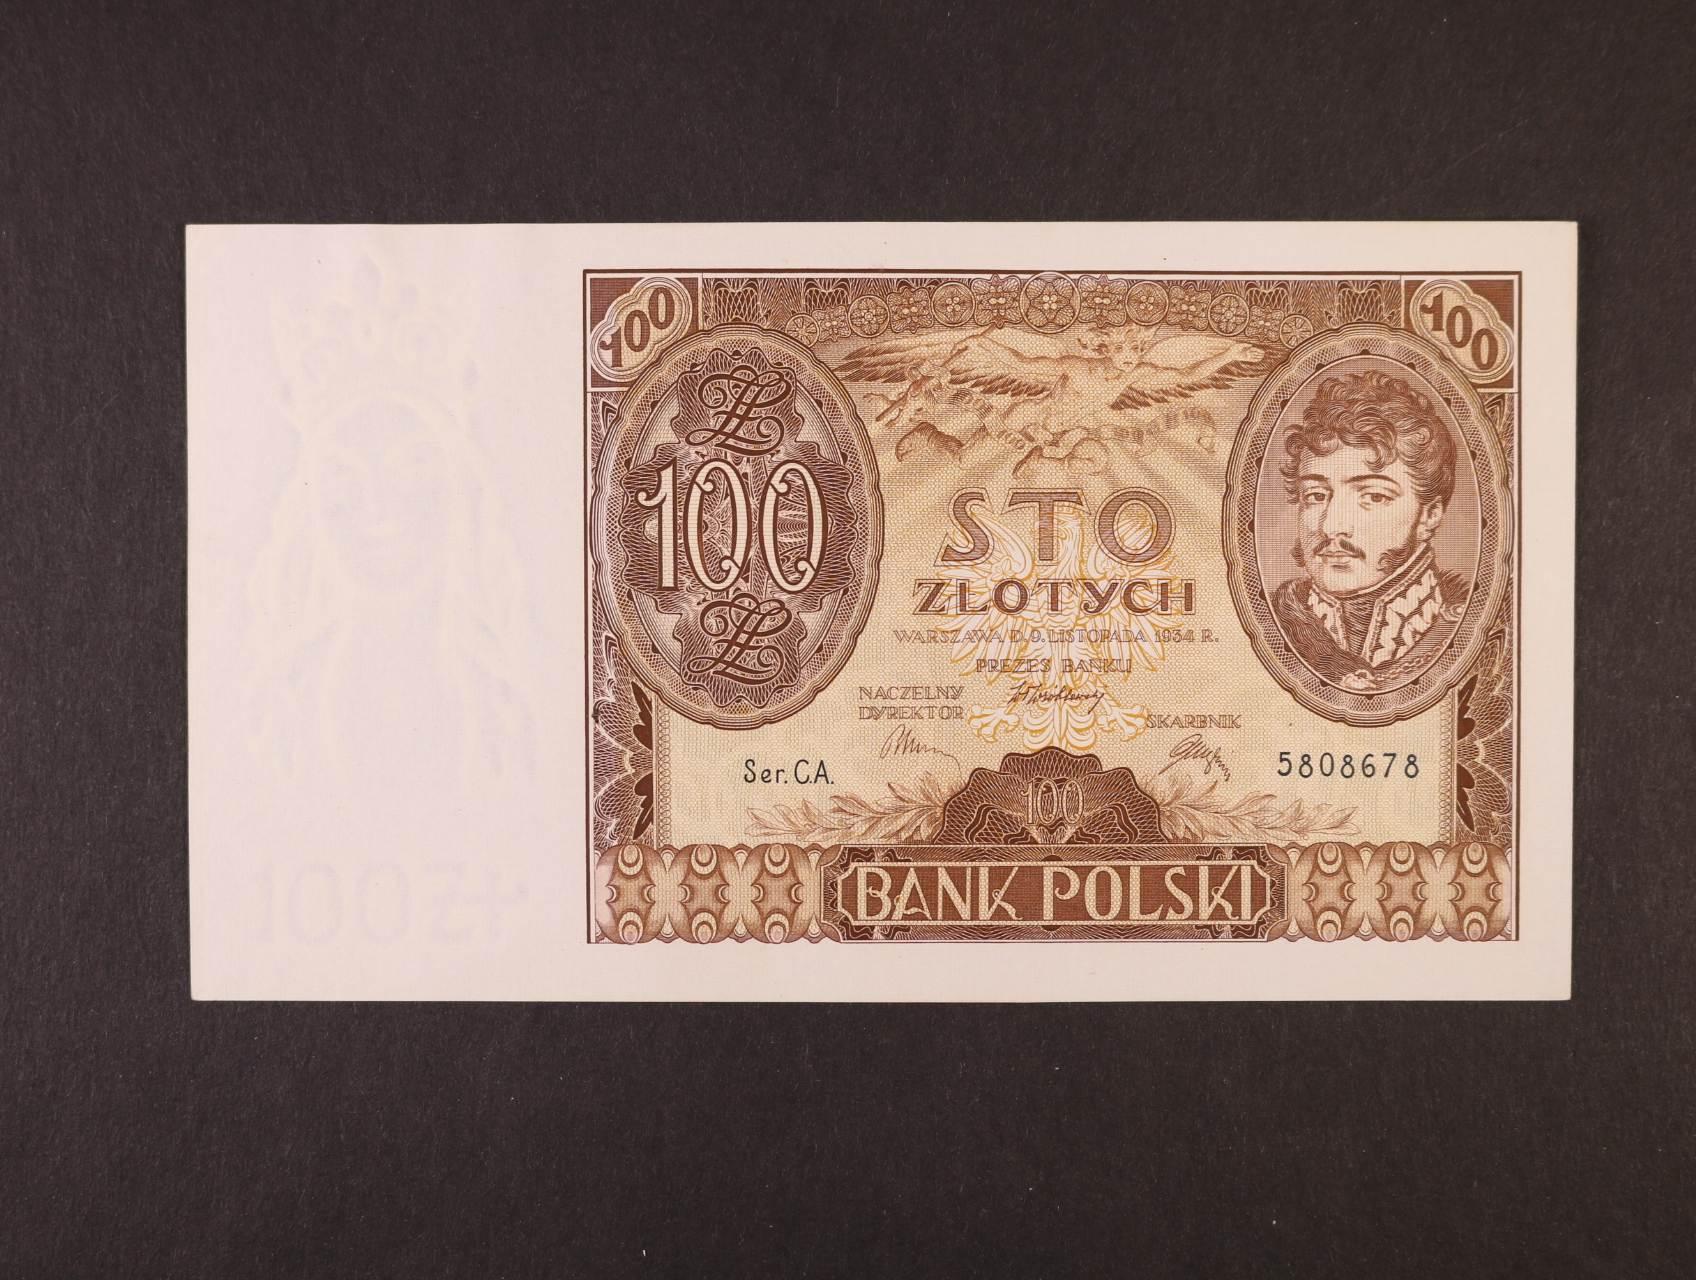 100 Zloty 9.11.1934 série C.A., platná na ČS území, Pi. 75, Ba. PL12c